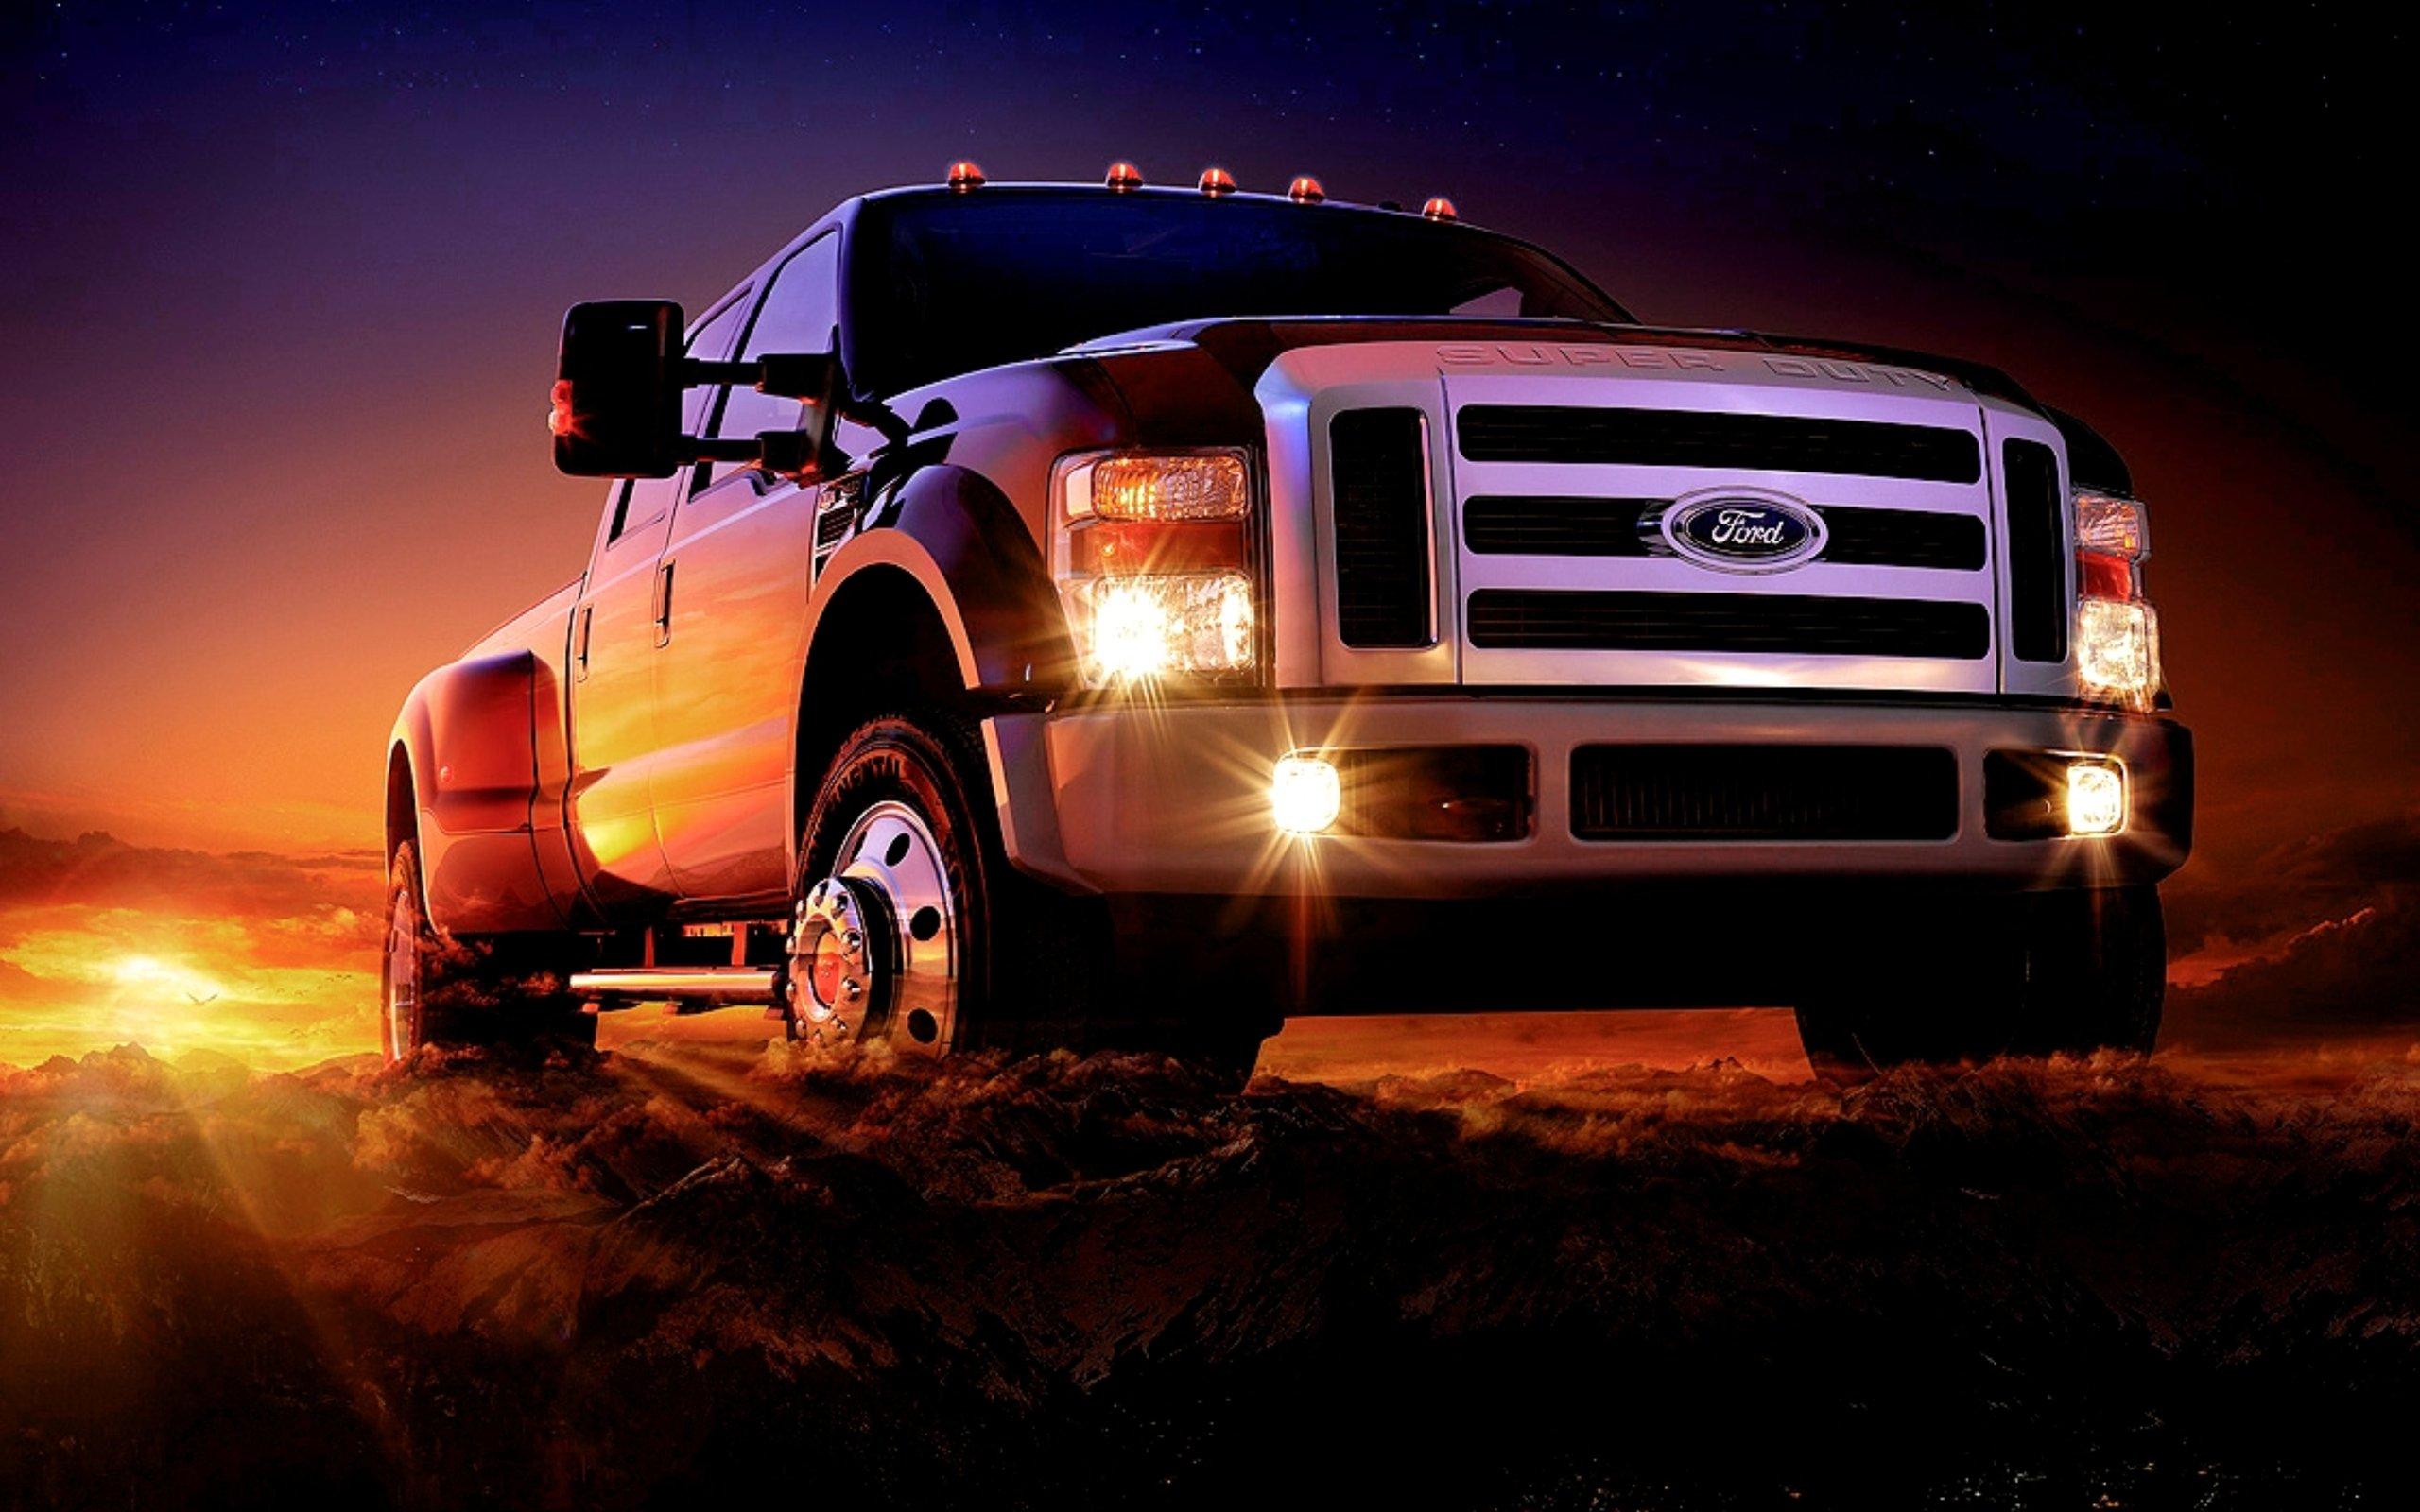 Ford Pickup Wallpapers - WallpaperSafari